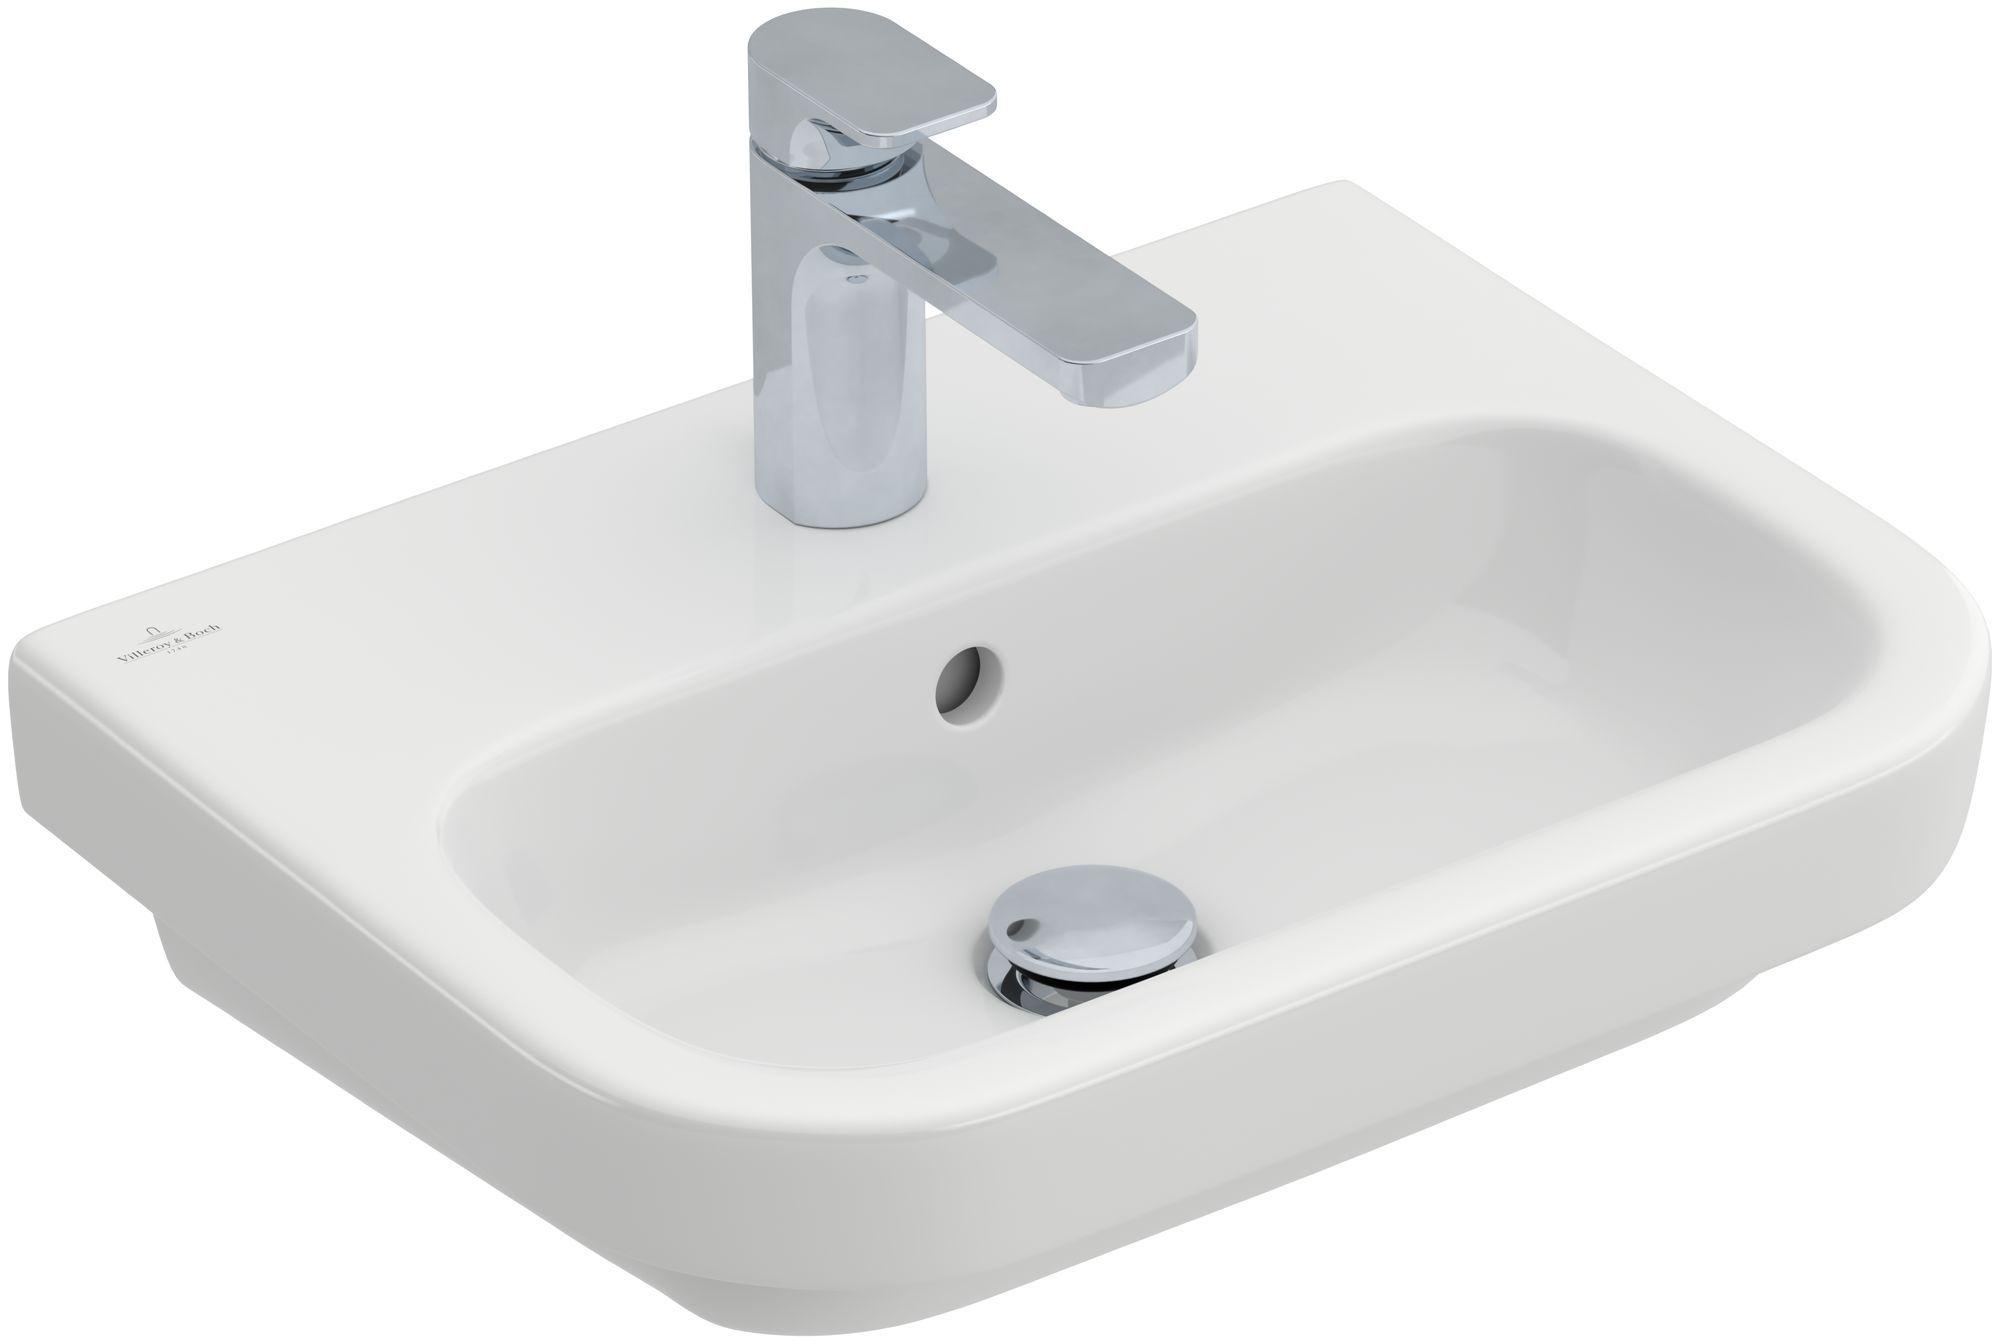 Villeroy & Boch Architectura Handwaschbecken B:50xT:38cm mit 1 Hahnloch mit Überlauf weiß mit CeramicPlus 437350R1